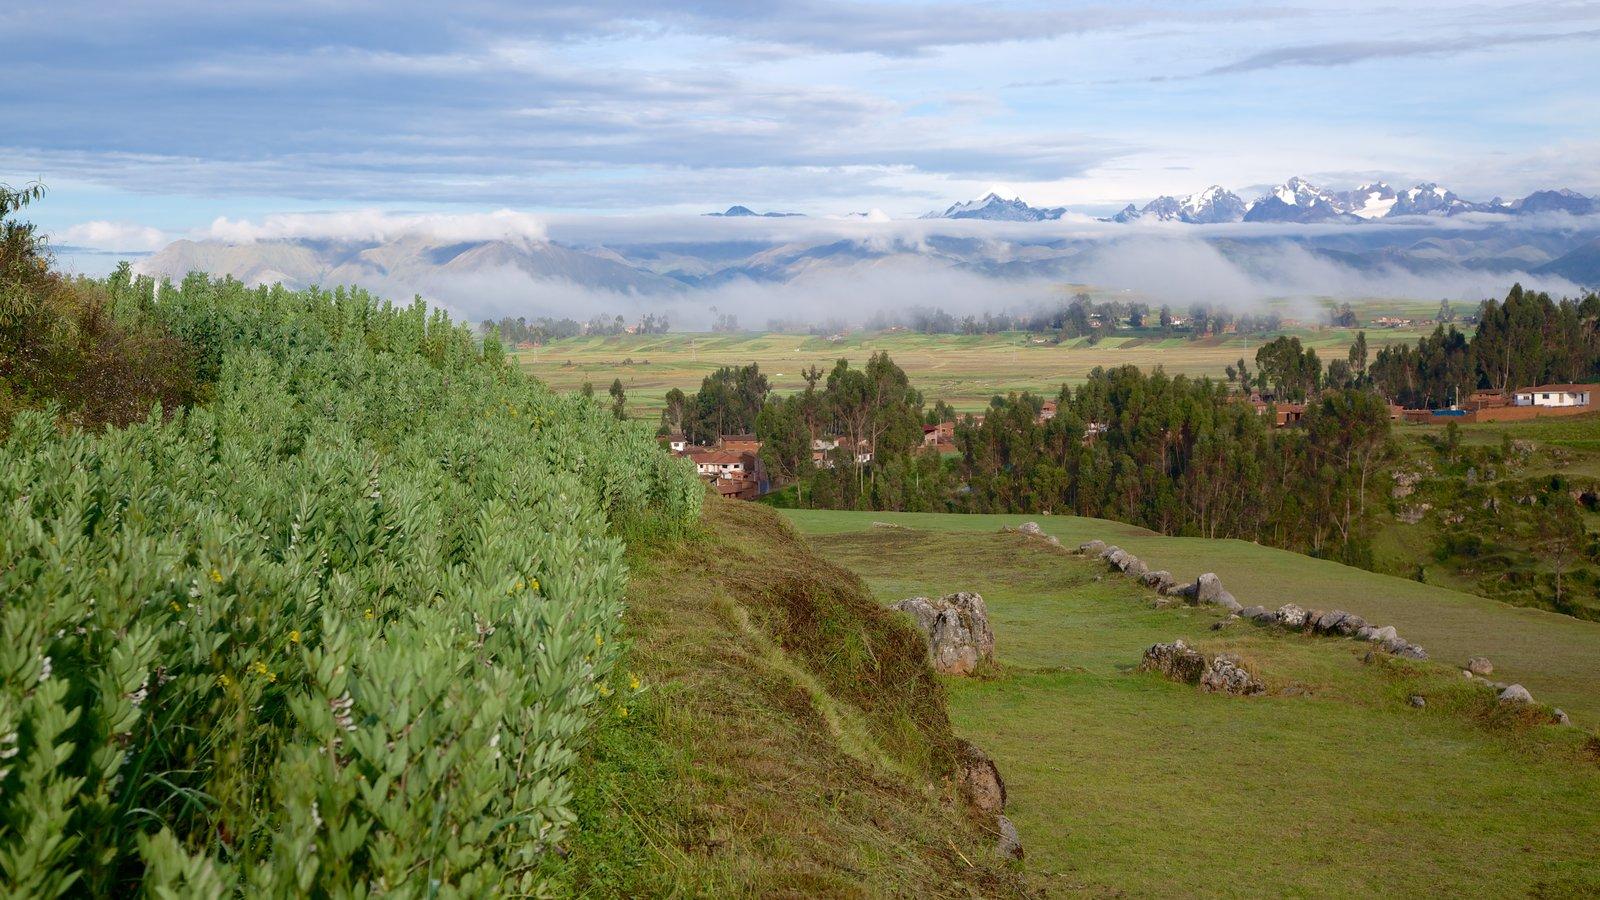 Chincheros mostrando paisagem e cenas tranquilas